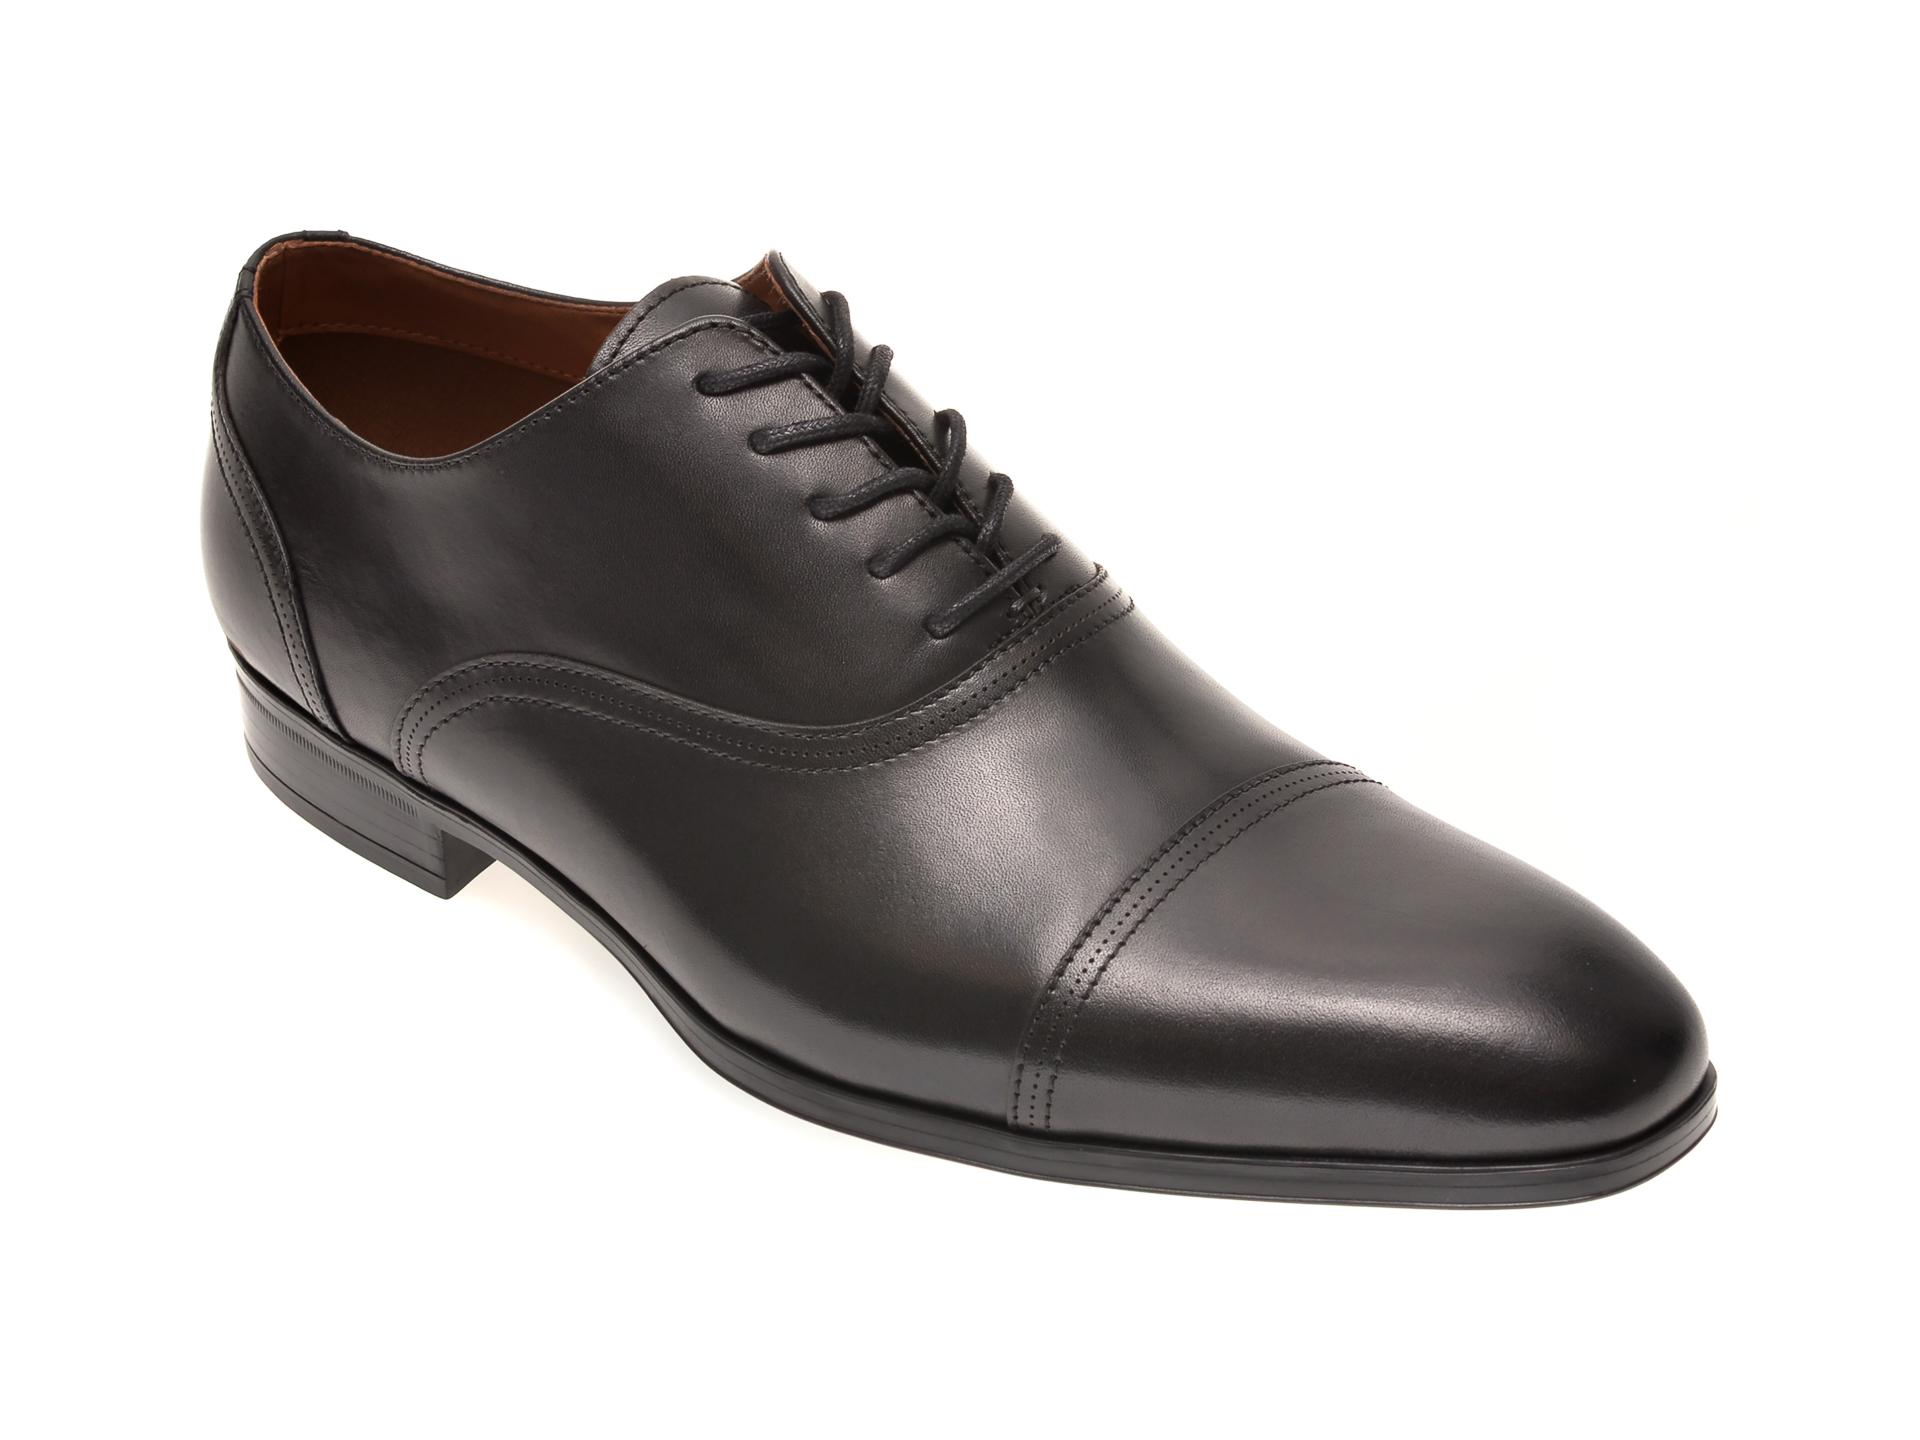 Pantofi ALDO negri, Bongerd001, din piele naturala imagine otter.ro 2021